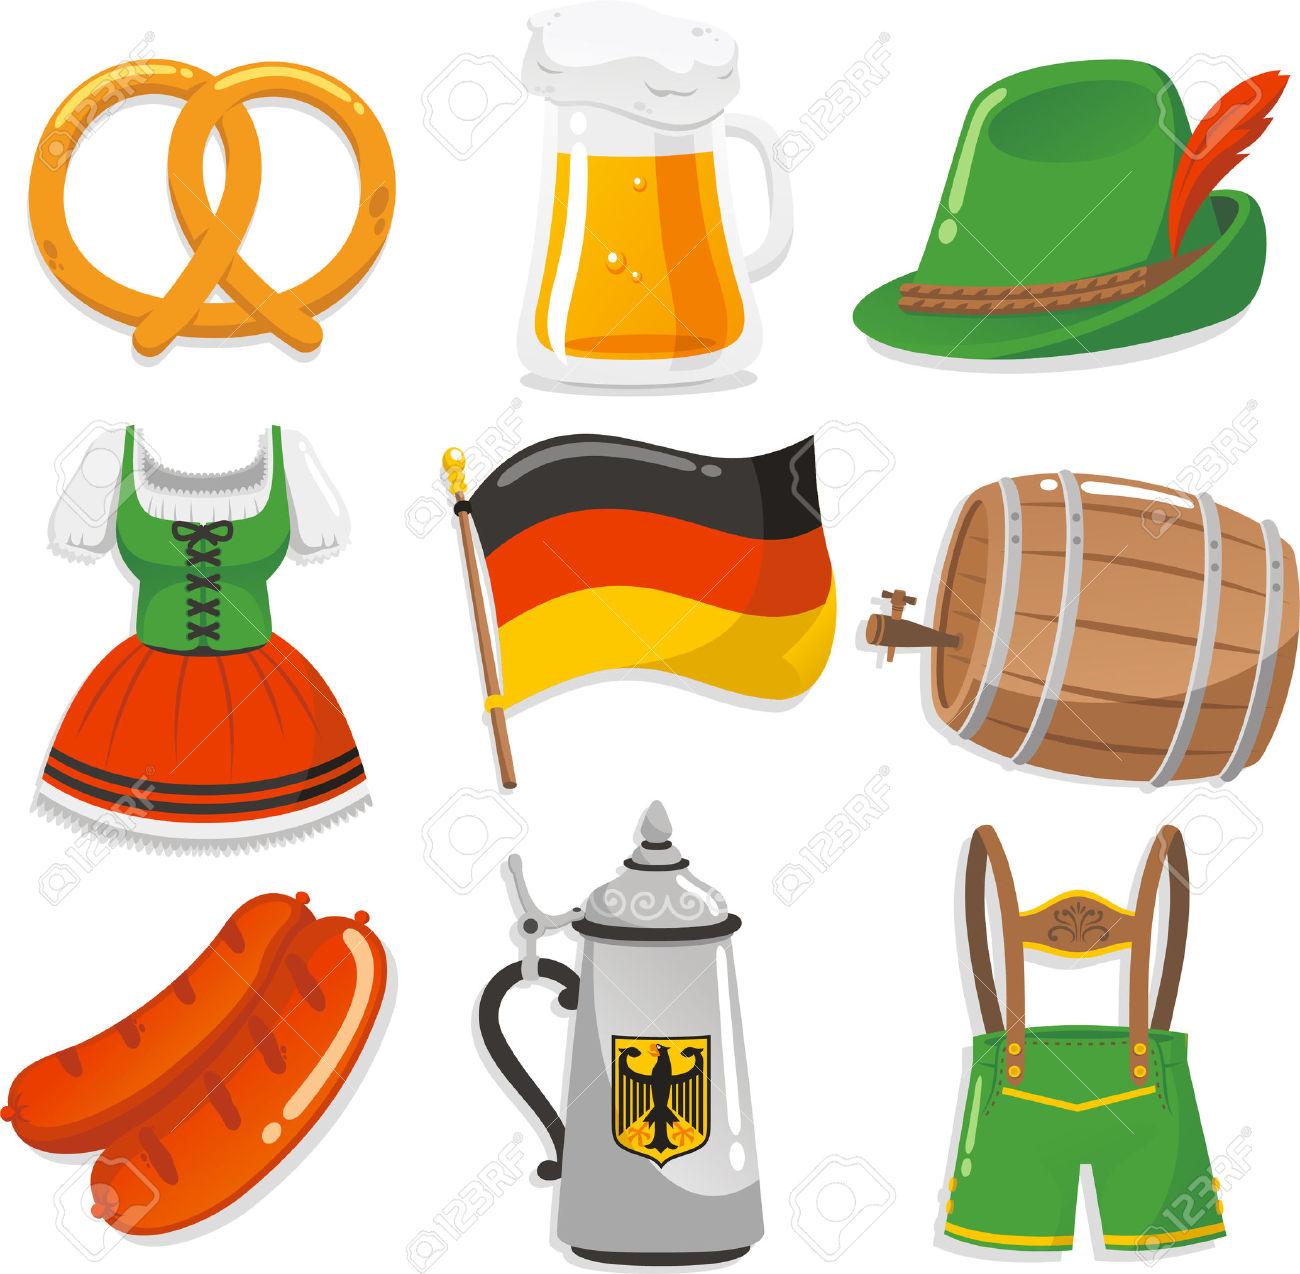 German hat clipart.